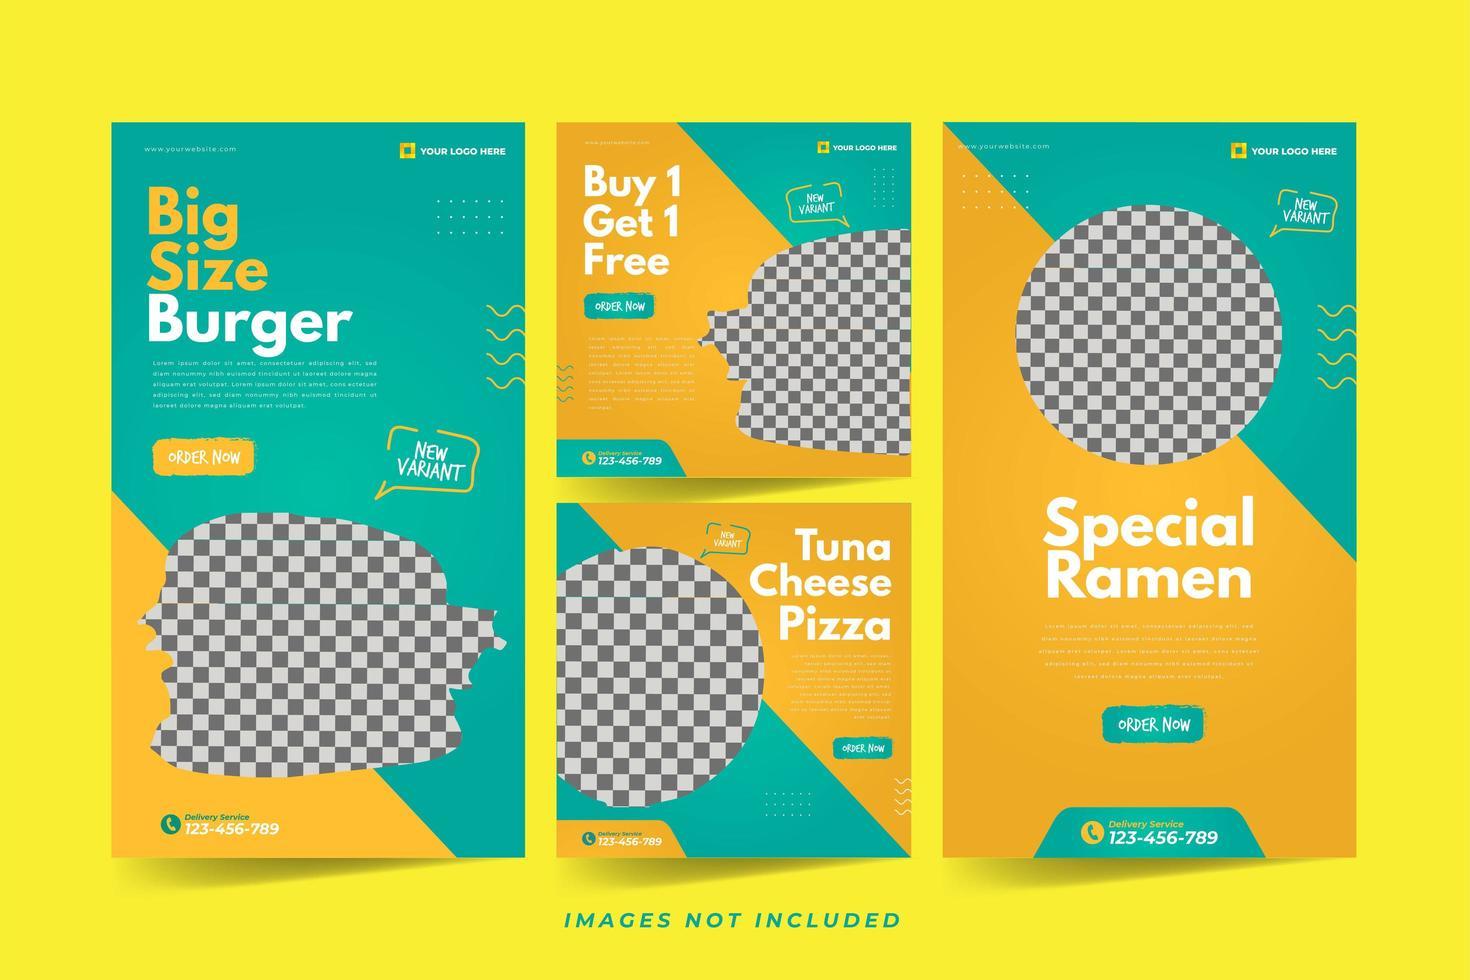 restaurang banner för sociala medier reklam mall uppsättning vektor